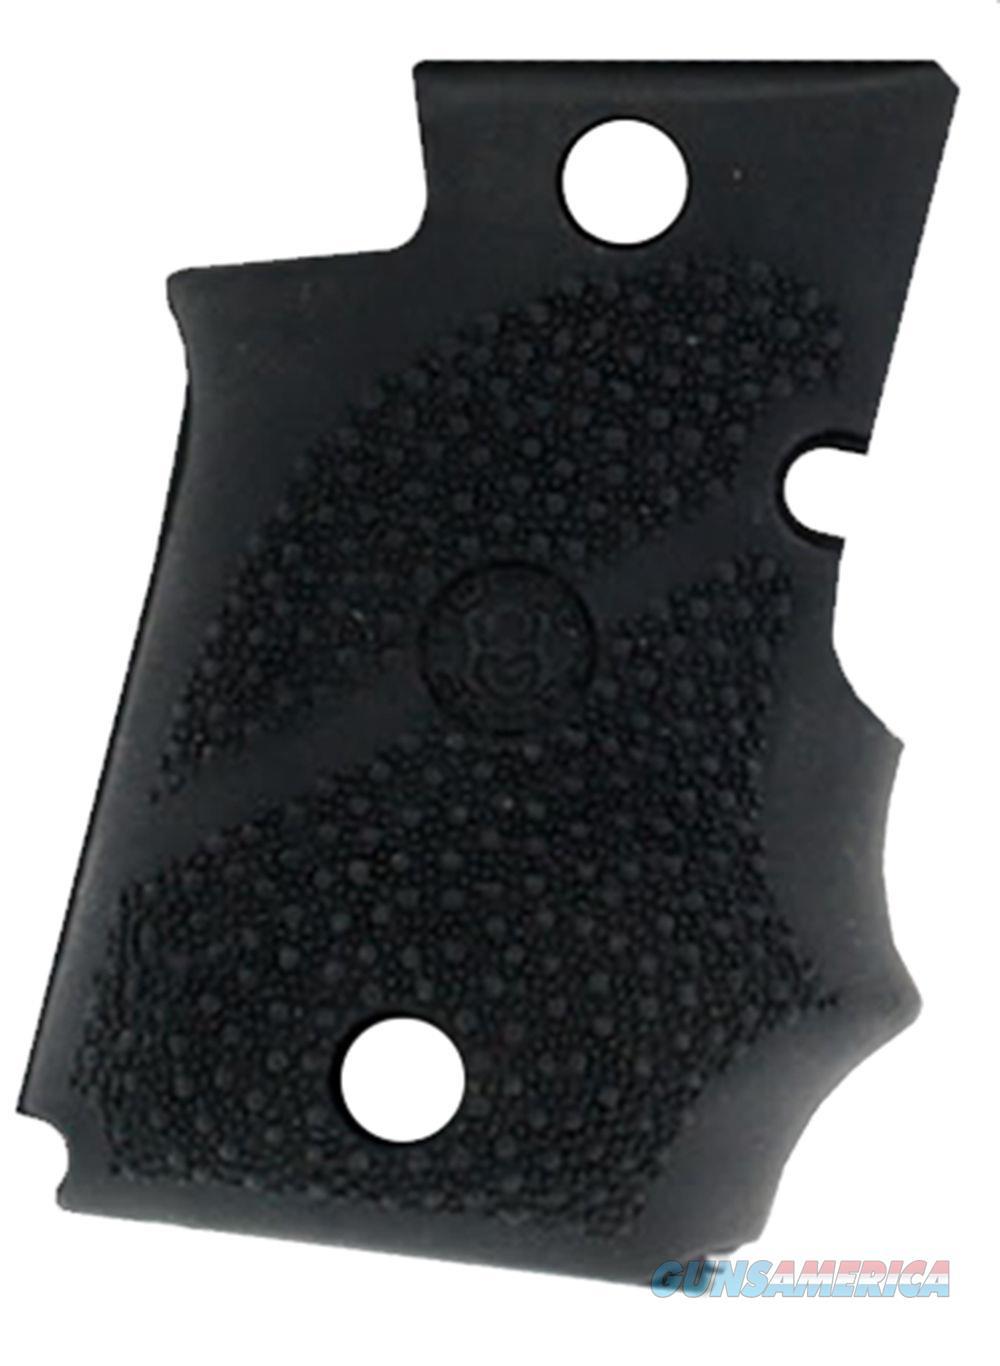 Hogue Sig Sauer P938 Ambi Safety 9mm Rubber Grip  Non-Guns > Gun Parts > Grips > Other